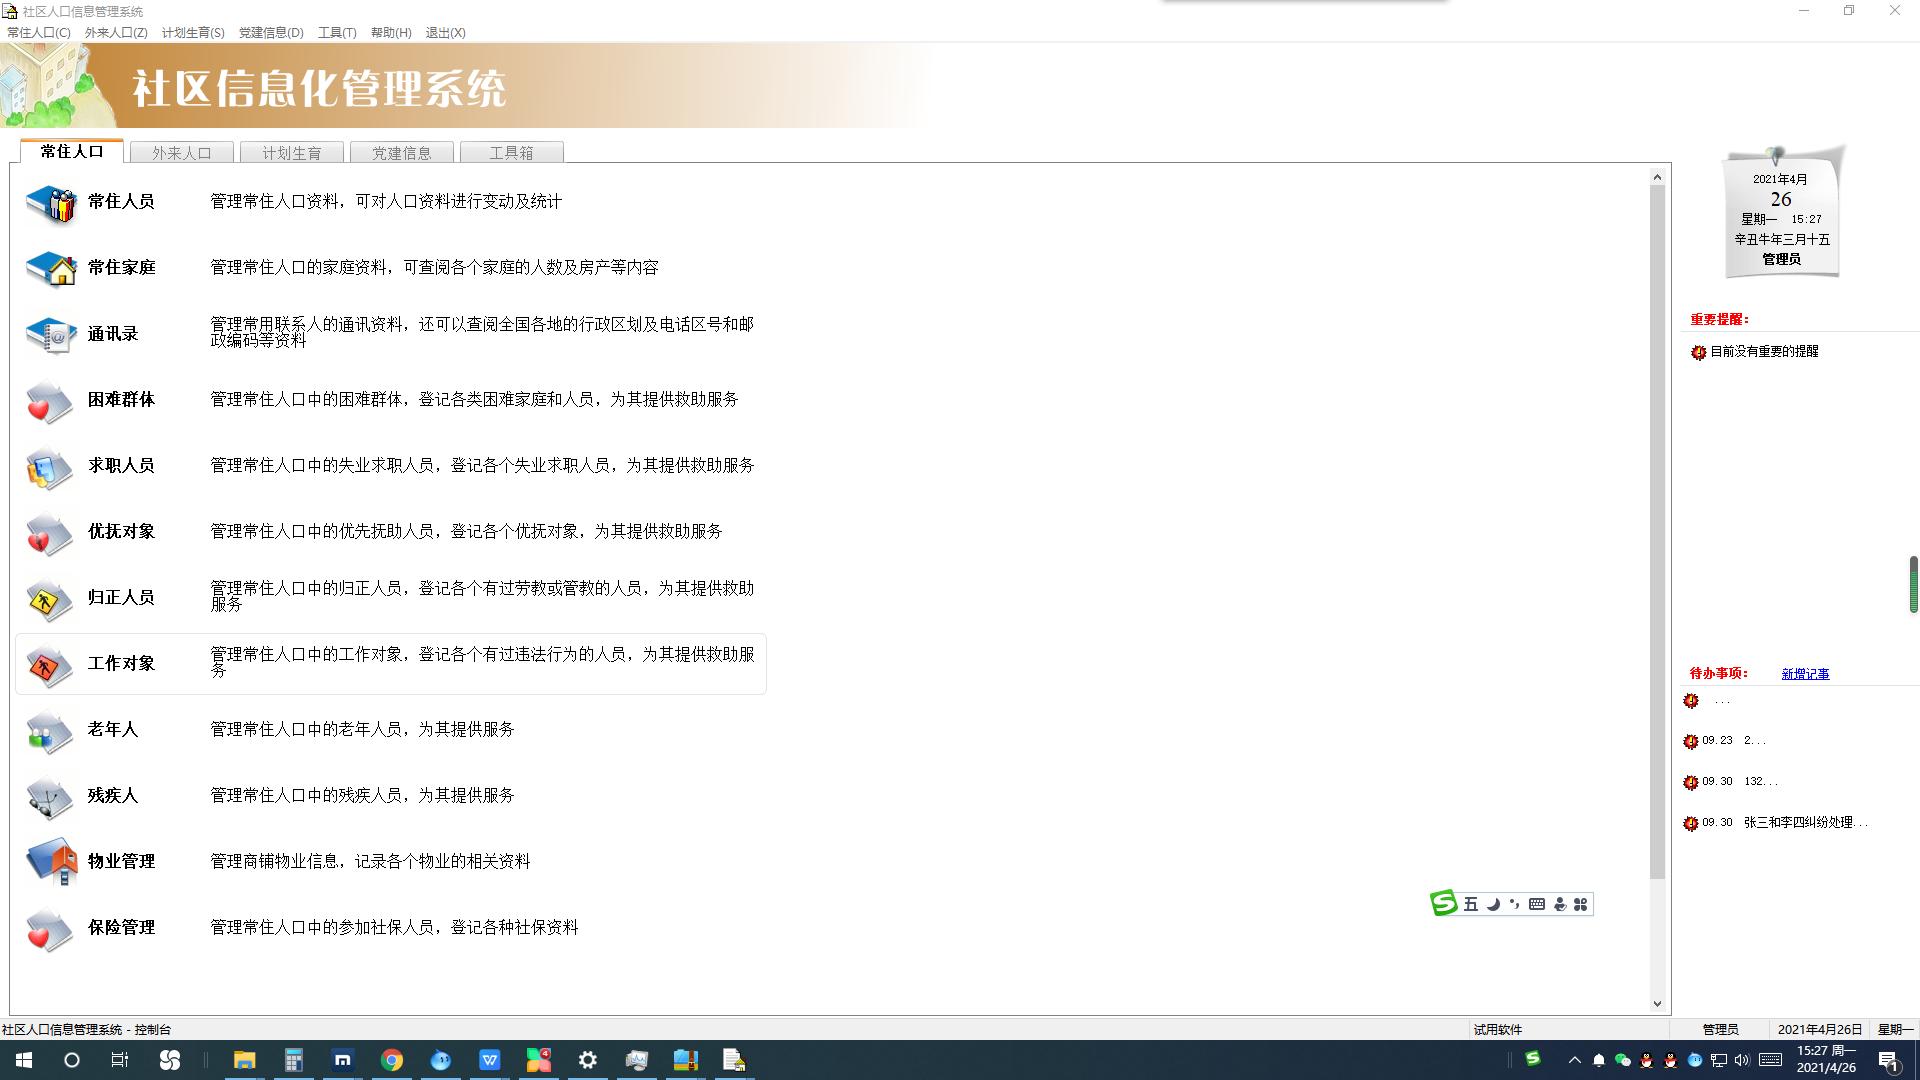 文达社区信息化管理系统云服务版截图1